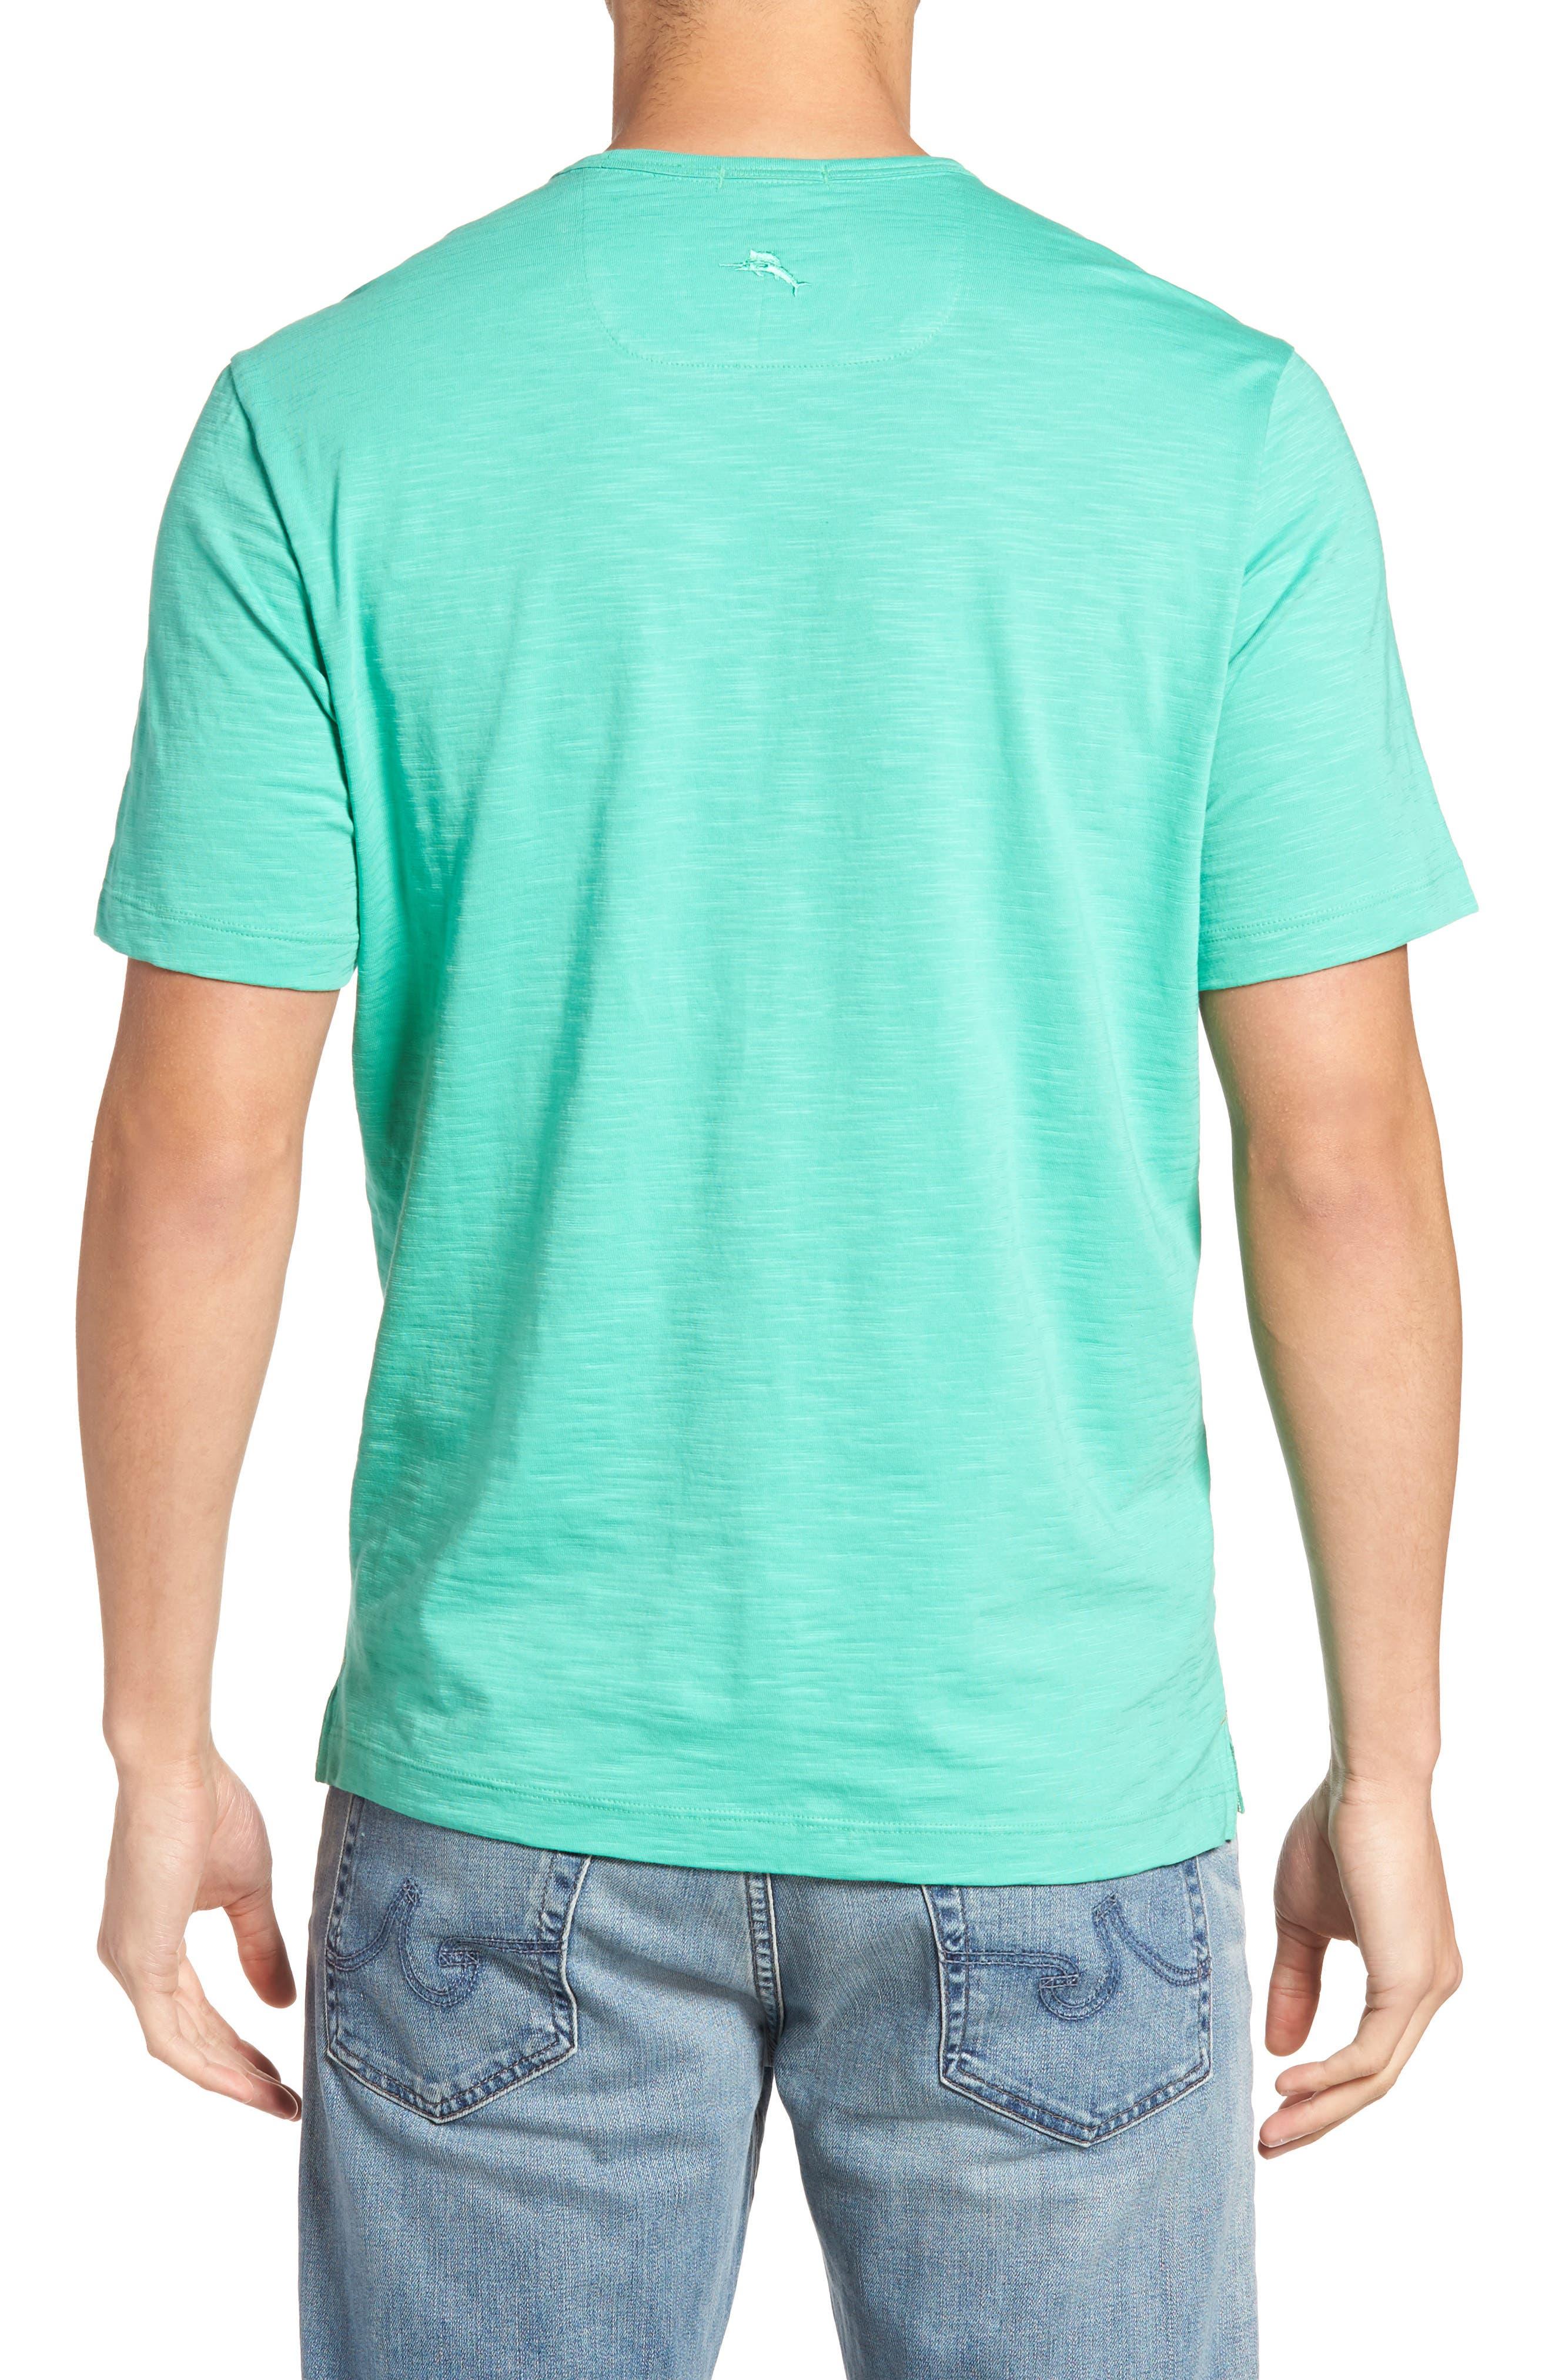 'Portside Player' Pima Cotton T-Shirt,                             Alternate thumbnail 19, color,